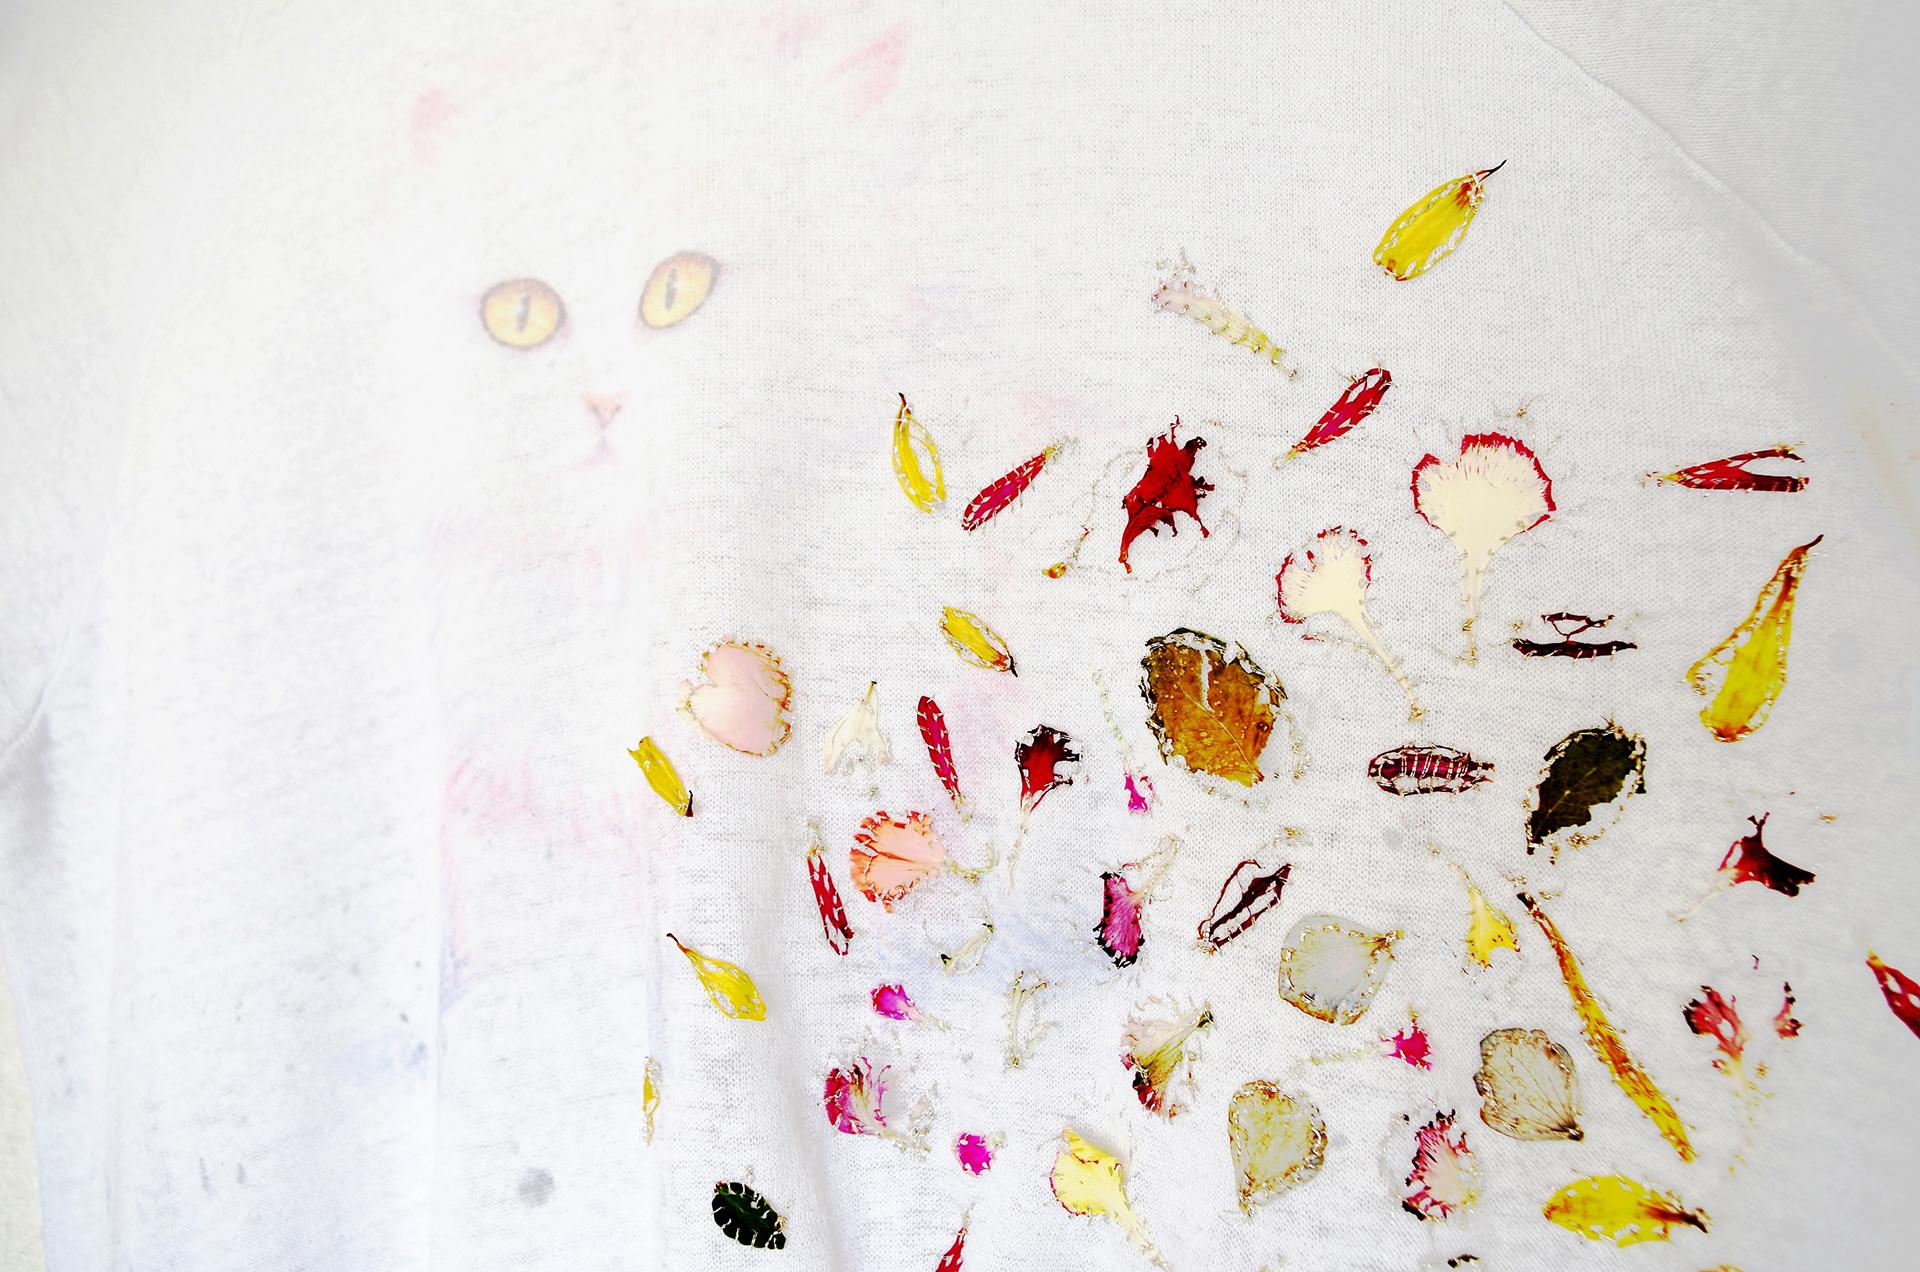 柵瀬茉莉子展 いのちを縫う・作品例